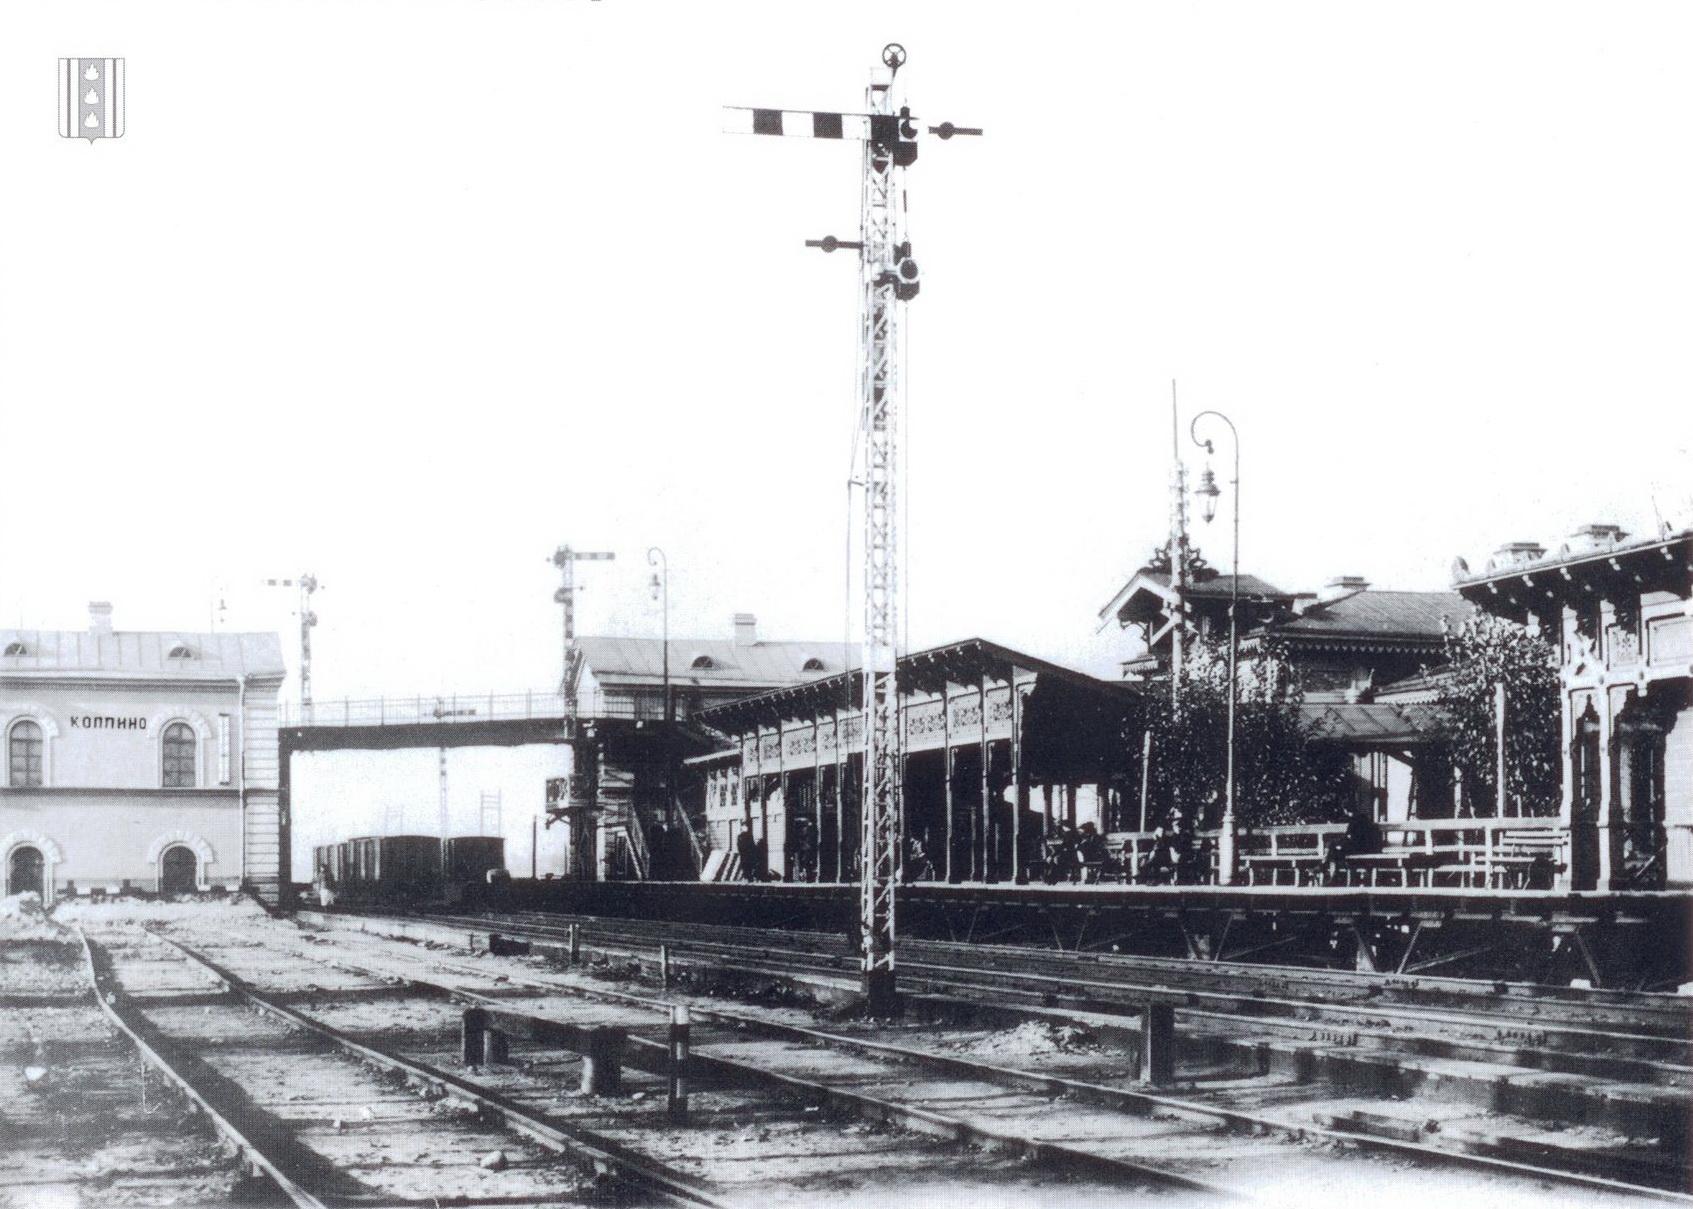 Колпино. Железнодорожный вокзал